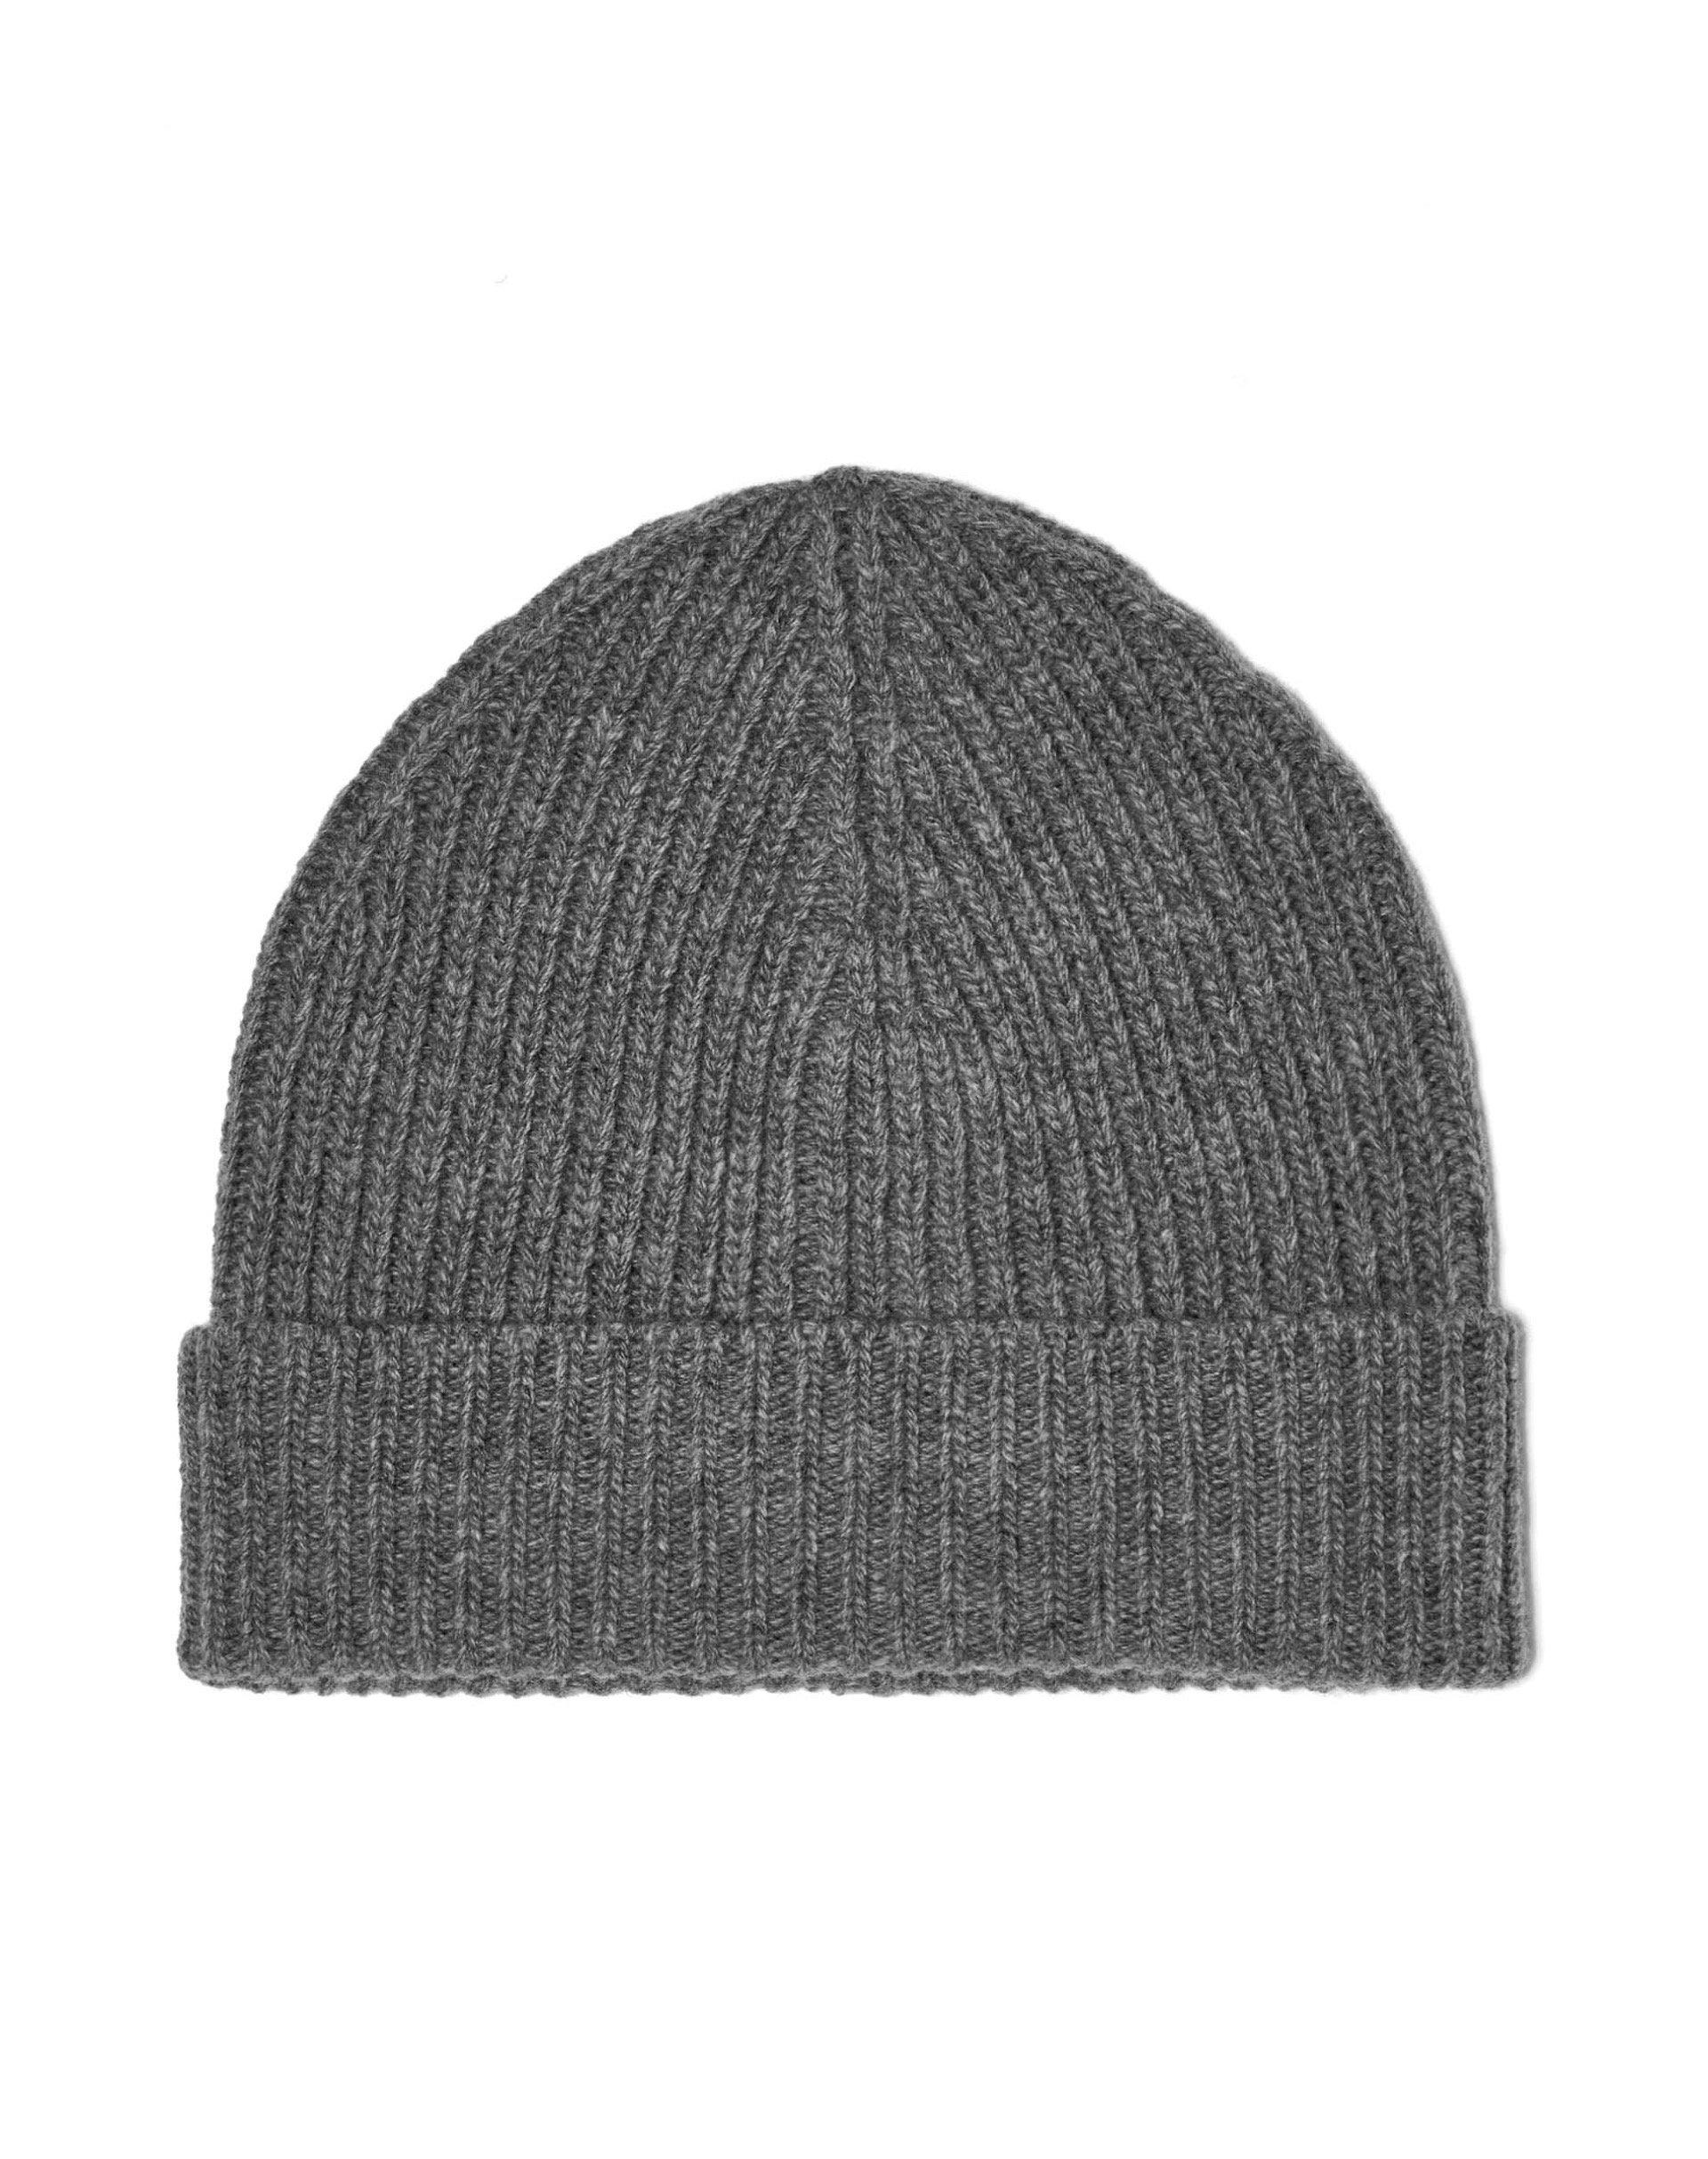 ШапкаГоловные уборы<br>Вязаная шапка из 100% шерсти мериноса. Мягкая на ощупь и обладающая превосходной теплозащитой.<br>Цвет: Серый; Размер: S;